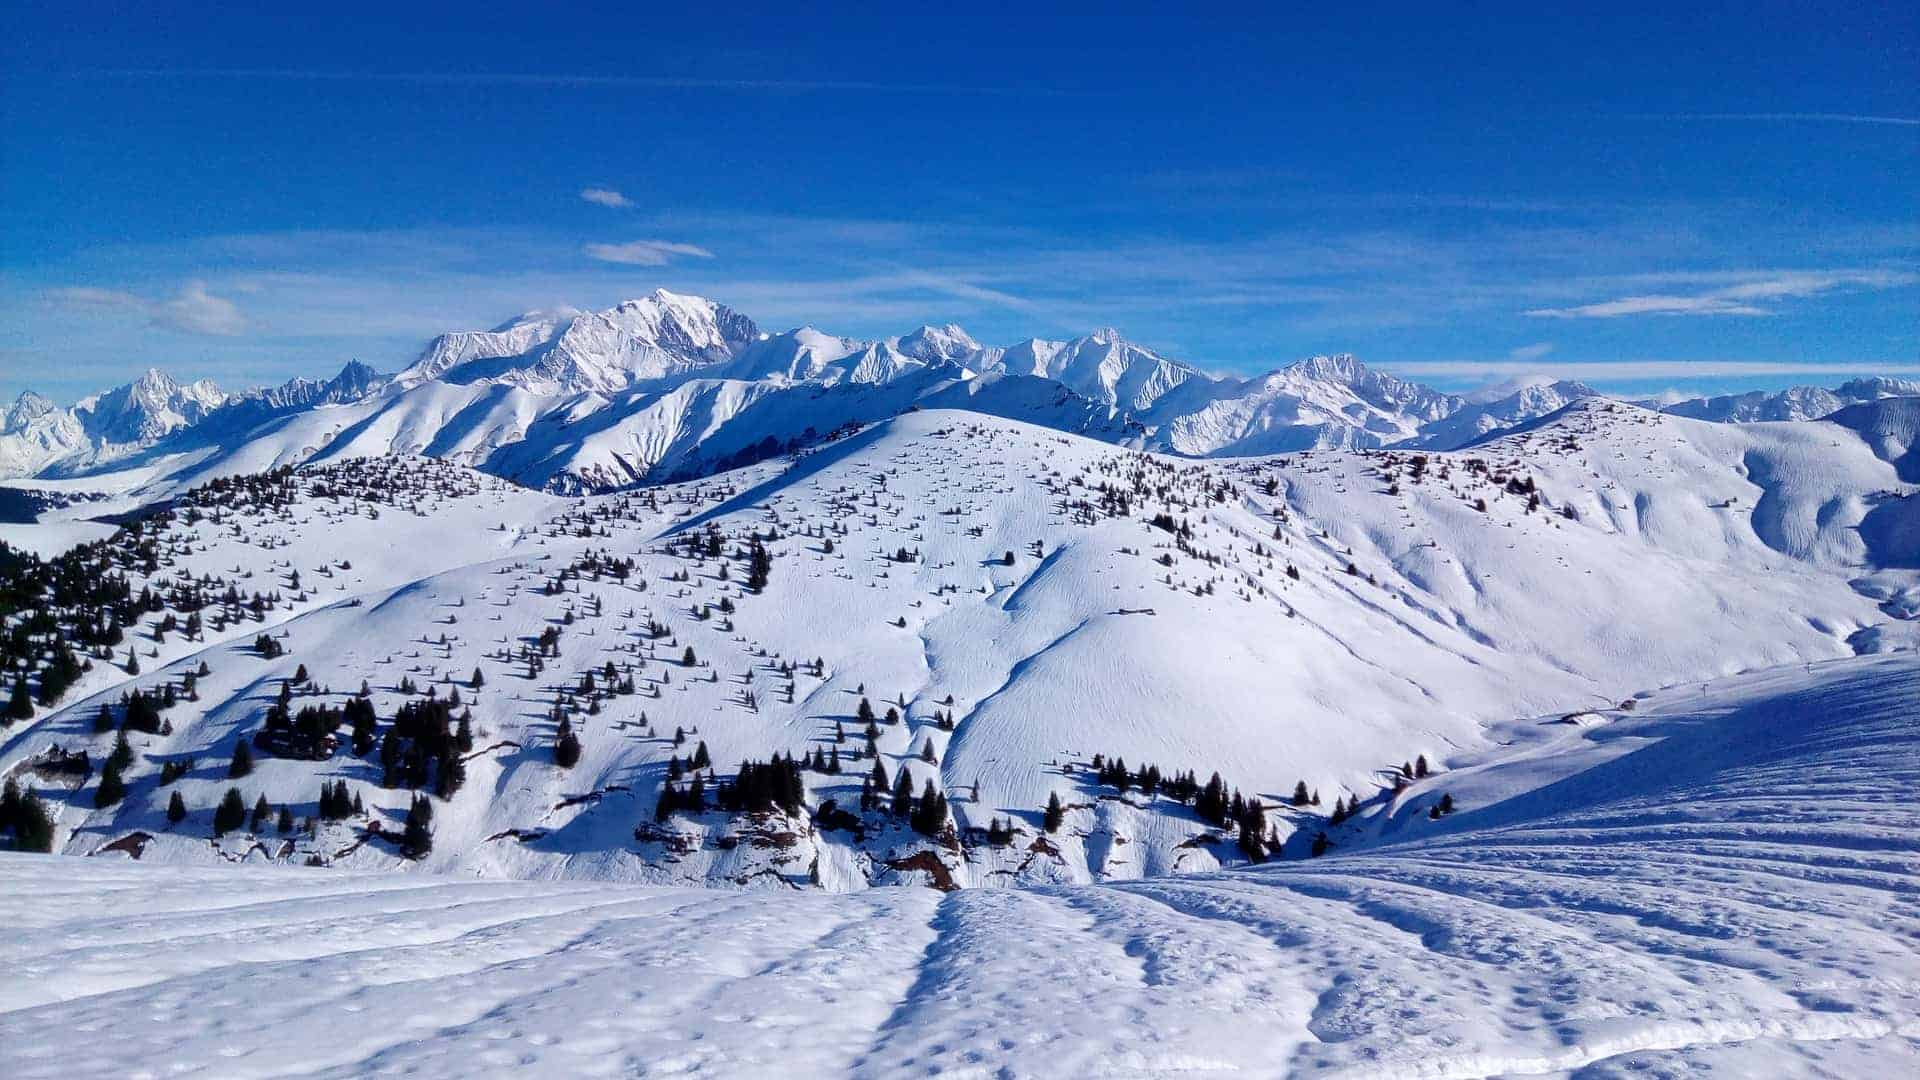 skigebiete sterreich die besten skiorte zum skifahren. Black Bedroom Furniture Sets. Home Design Ideas